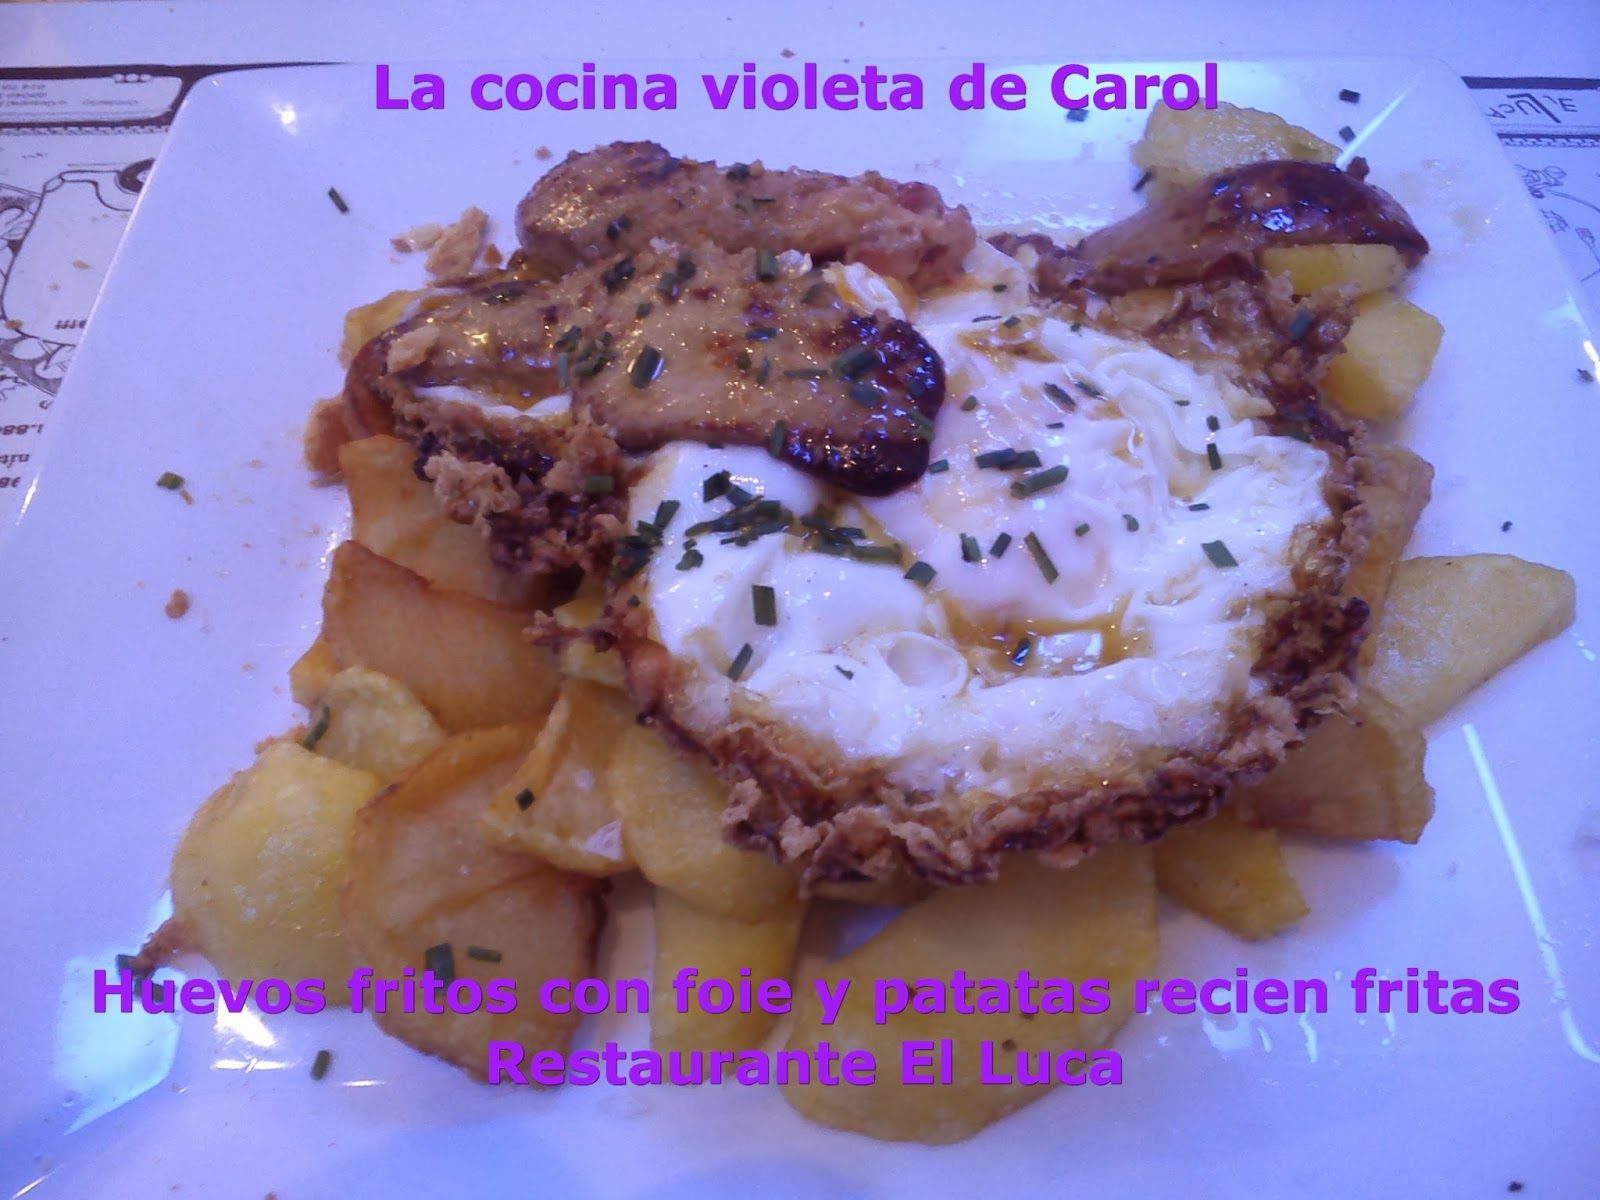 La cocina violeta de carol restaurante el luca sergio for La cocina de sergio